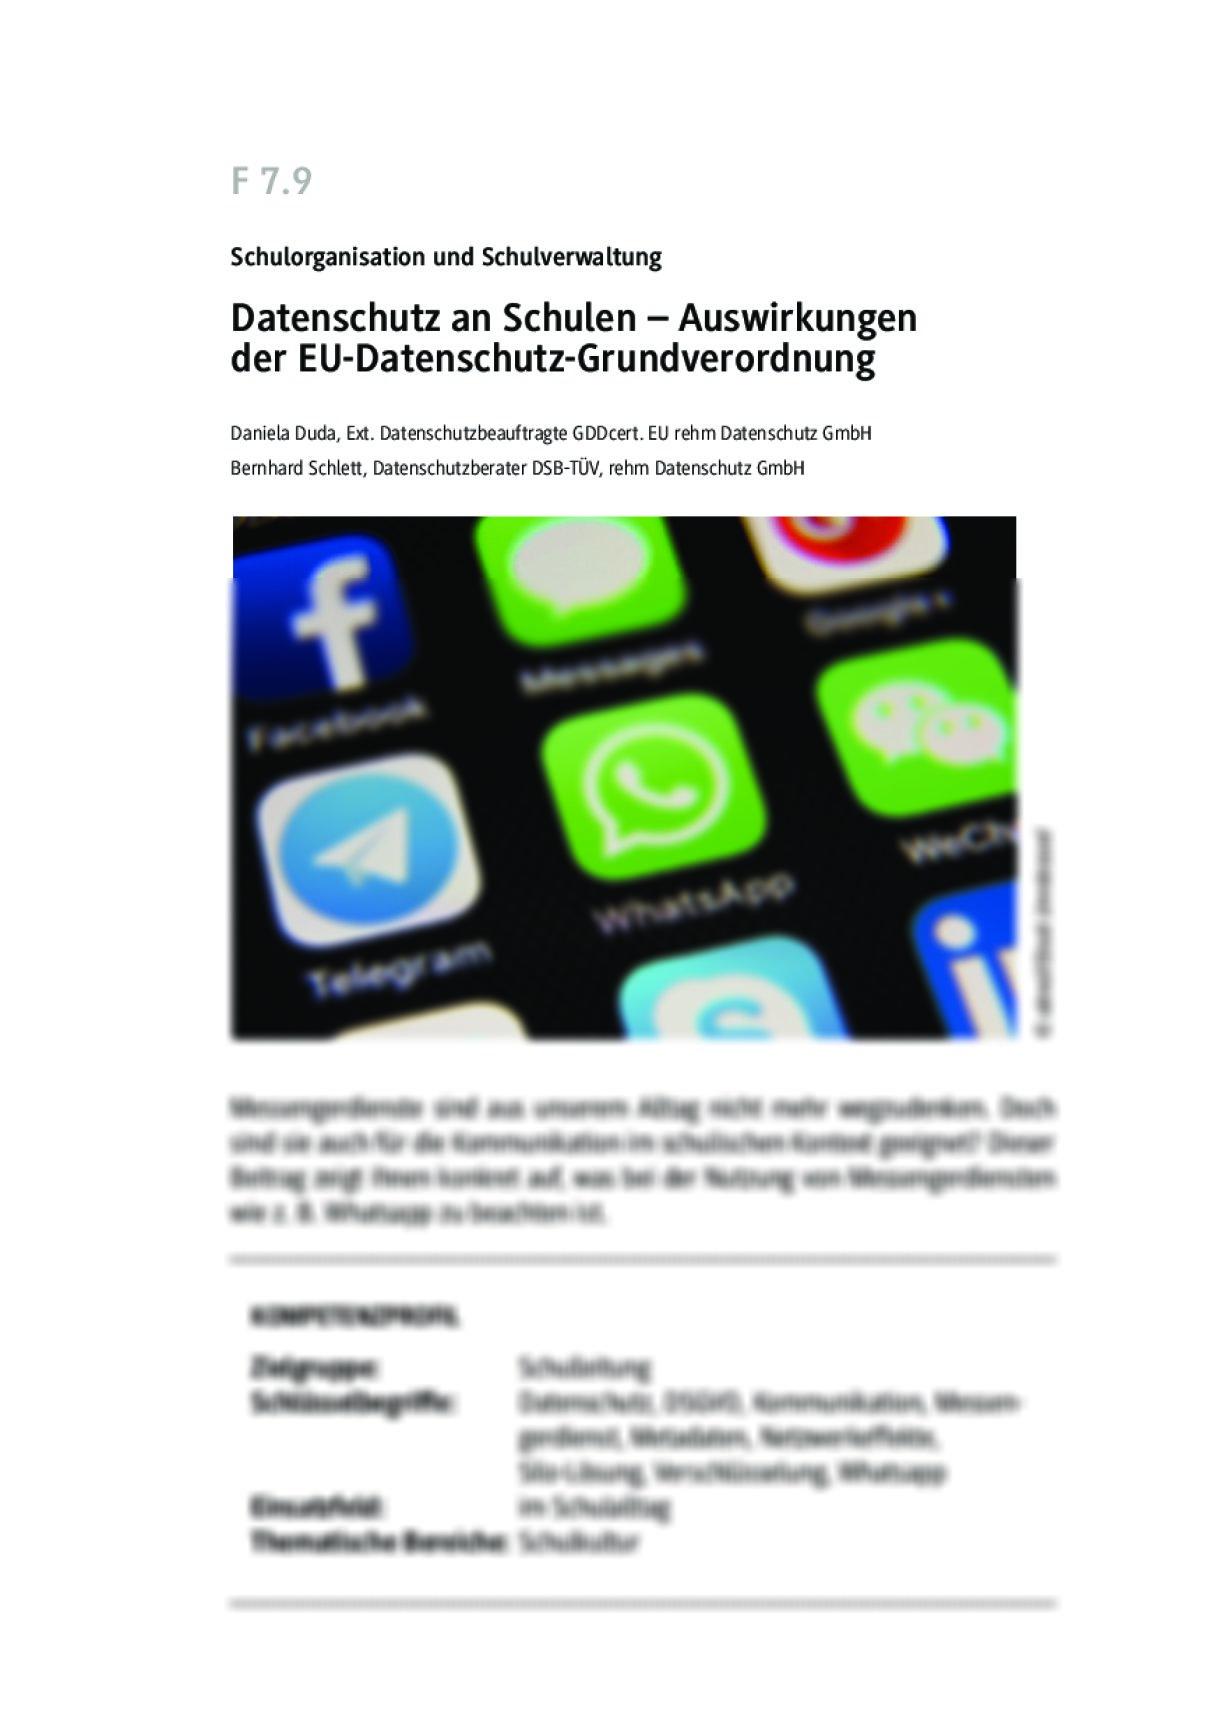 Datenschutz an Schulen – Messengerdienste an Schulen nutzen? - Seite 1